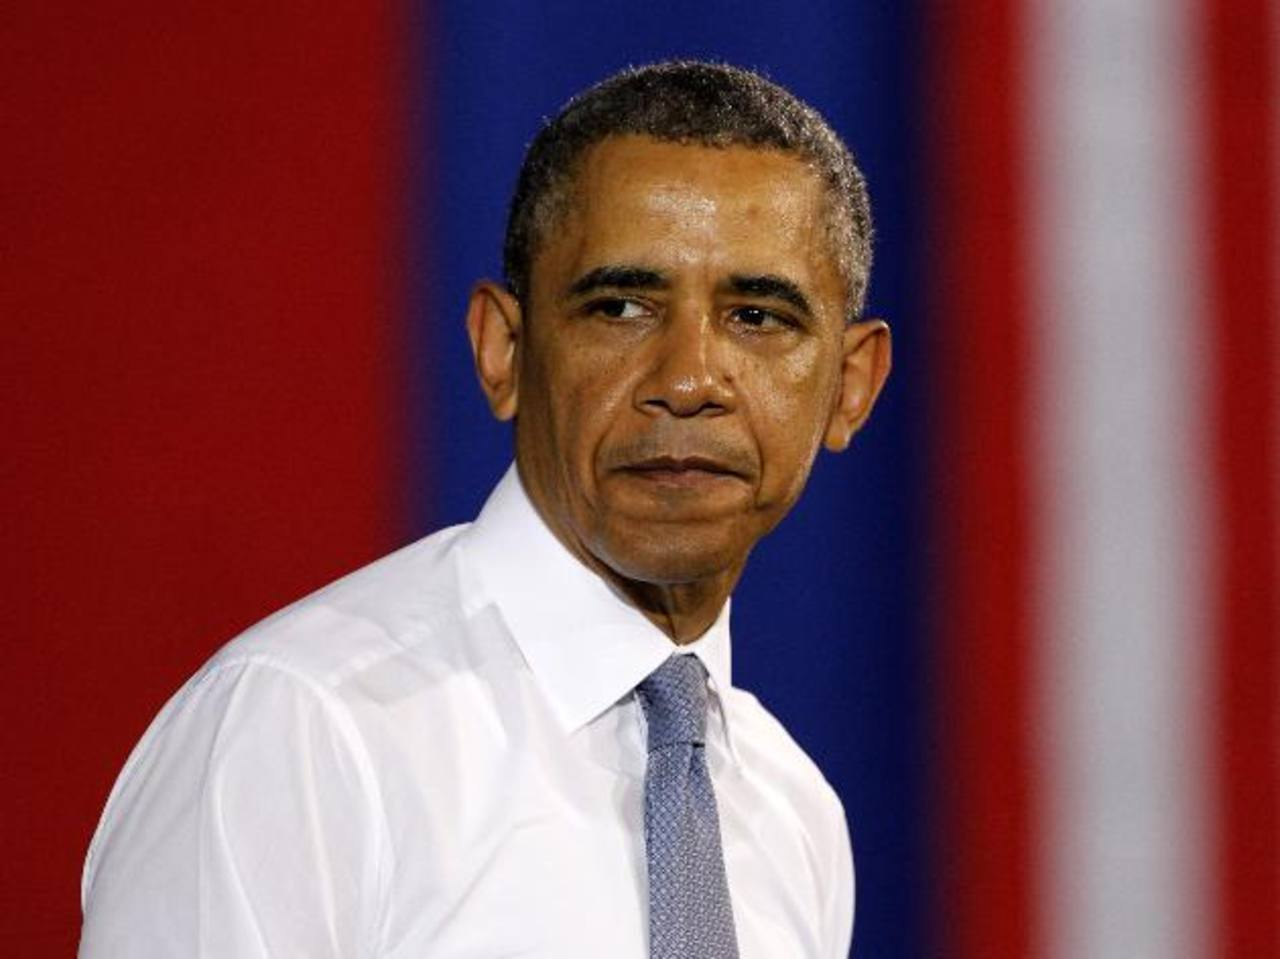 El presidente de los Estados Unidos, Barack Obama, en su gira por Filipinas.